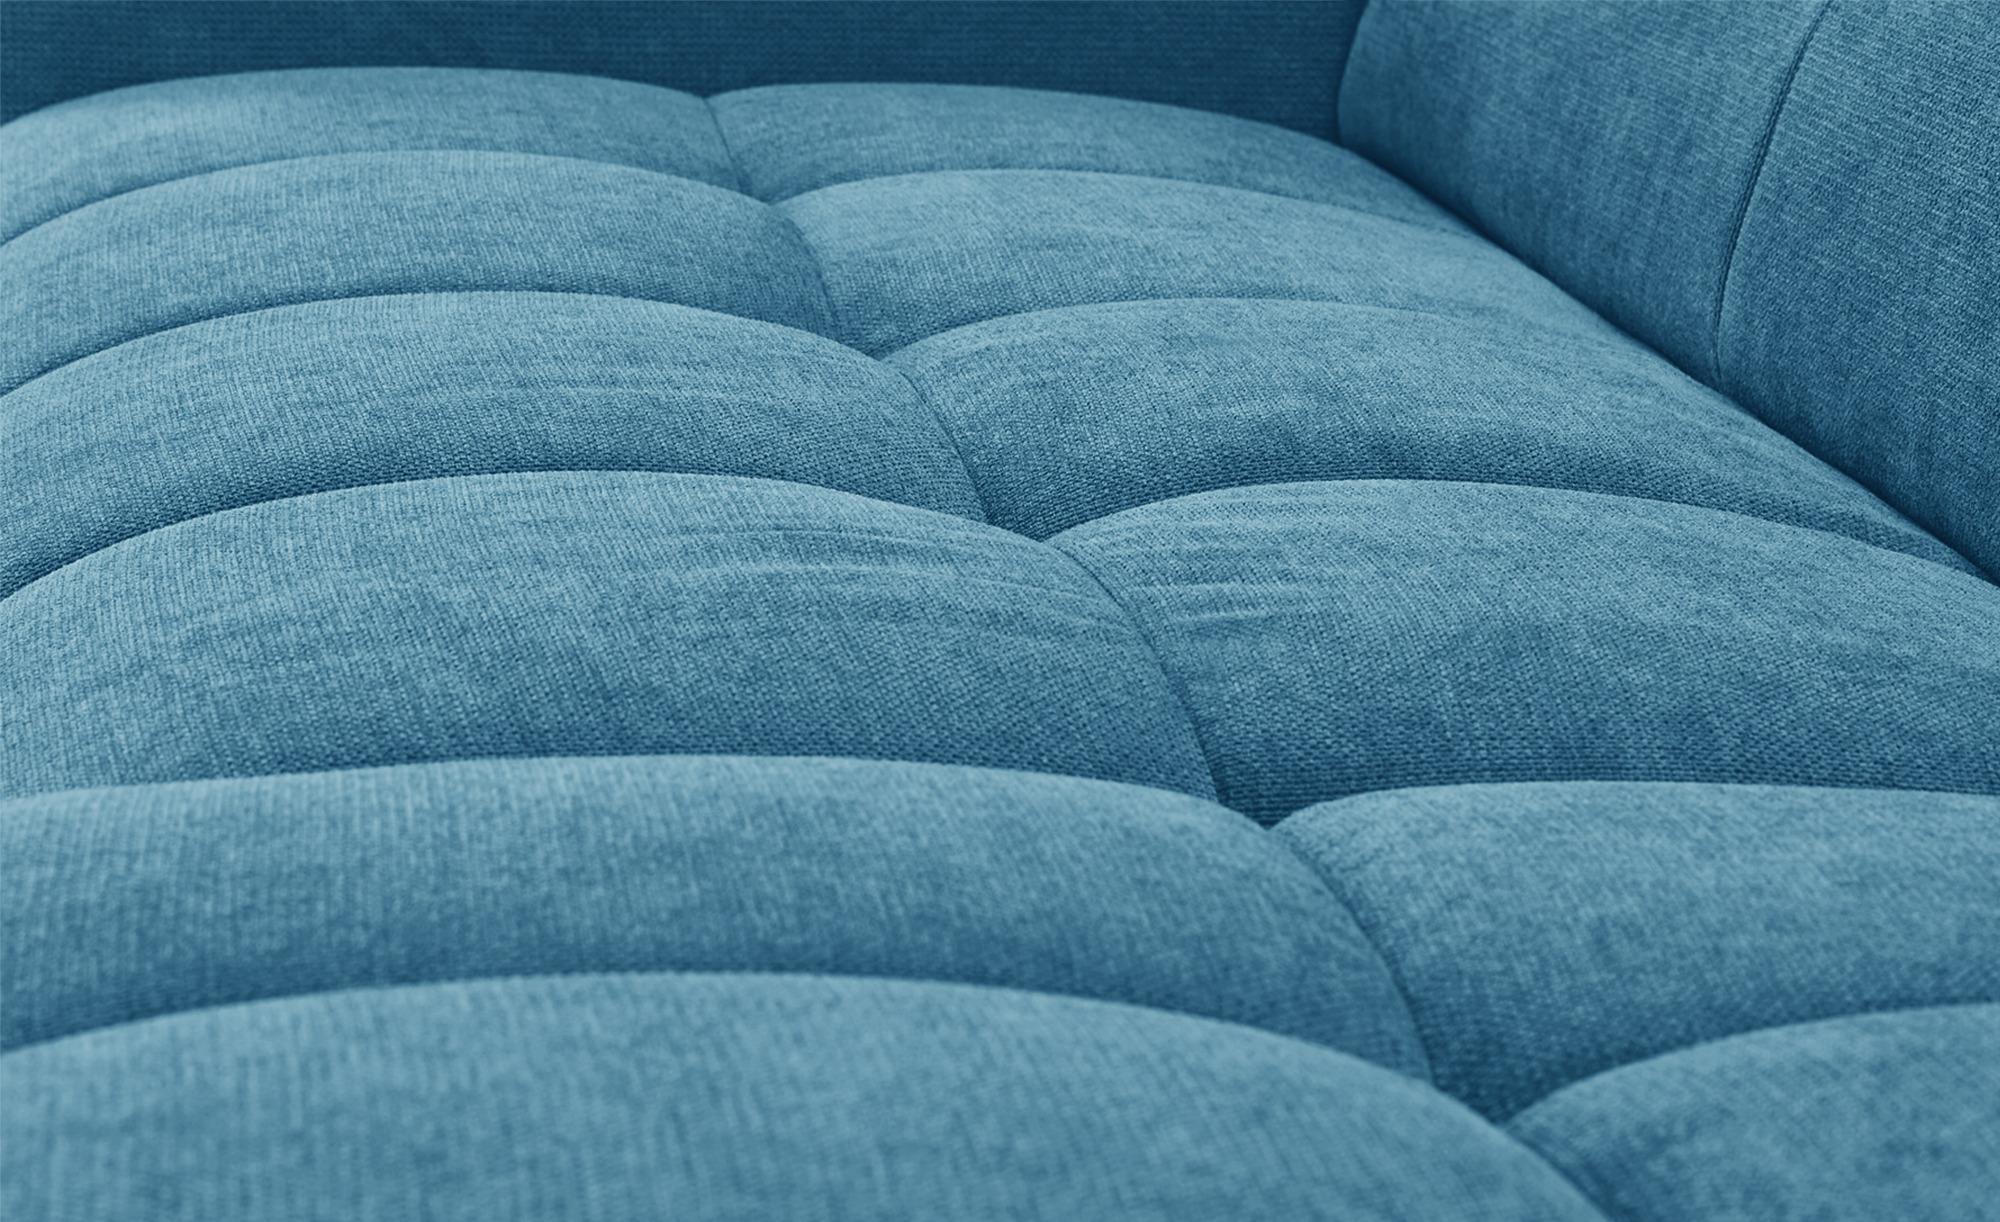 uno Ecksofa blau - Mikrofaser Origo ¦ blau ¦ Maße (cm): H: 70 Polstermöbel > Sofas > Ecksofas - Höffner